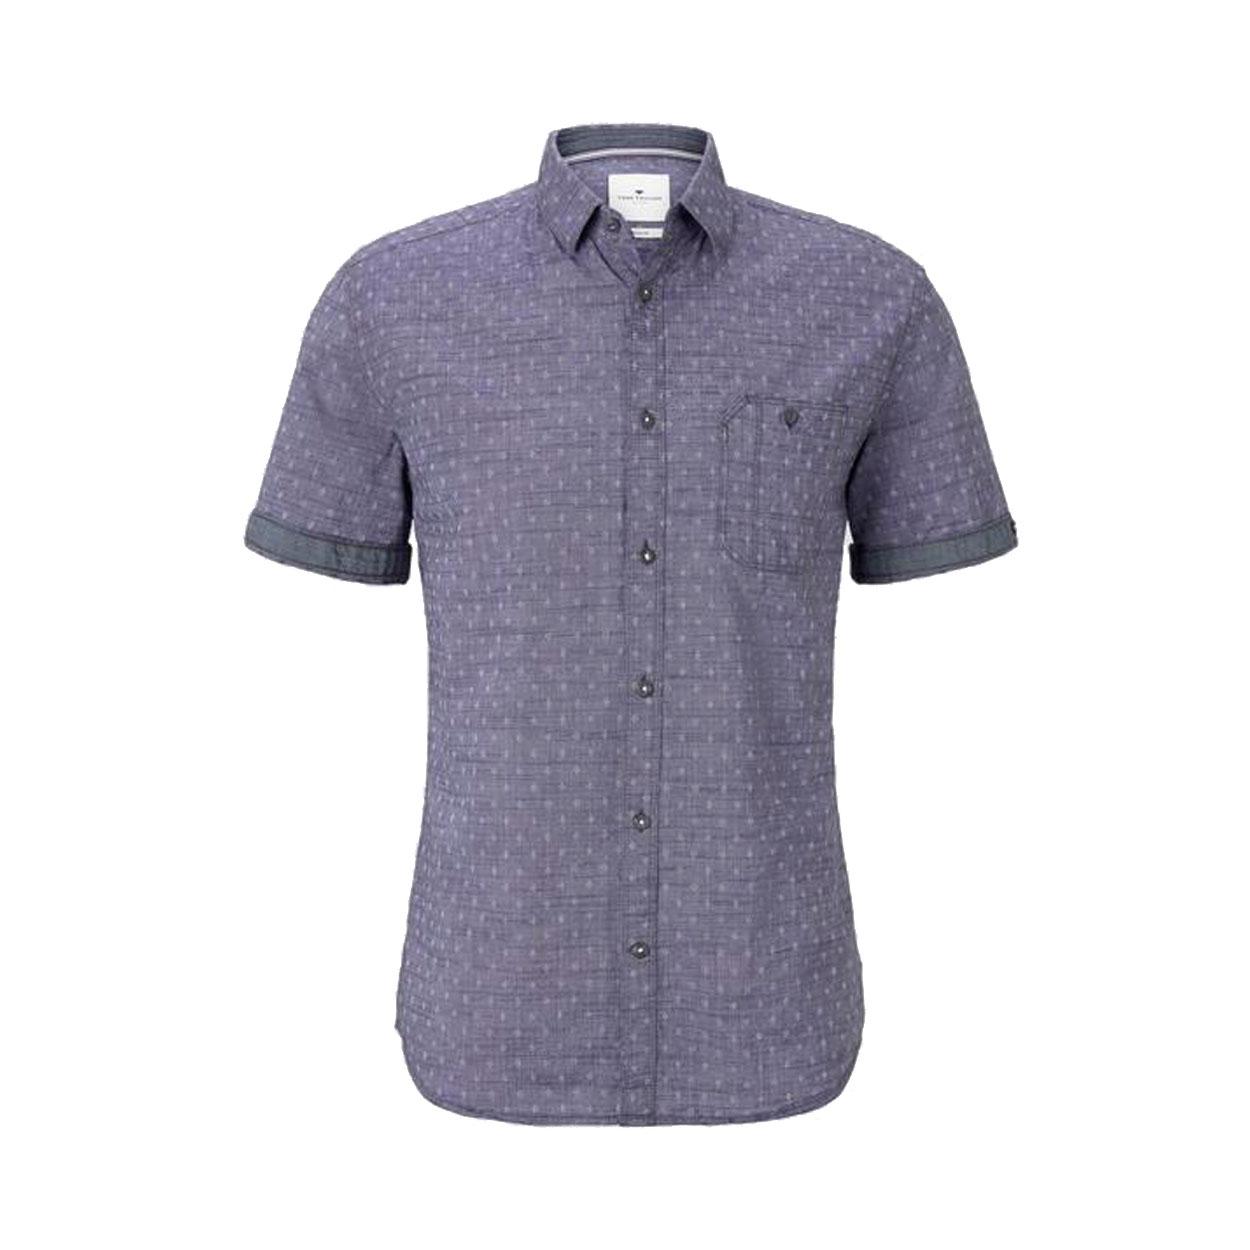 Chemise ajustée manches courtes  en coton bleu indigo à micros motifs blancs